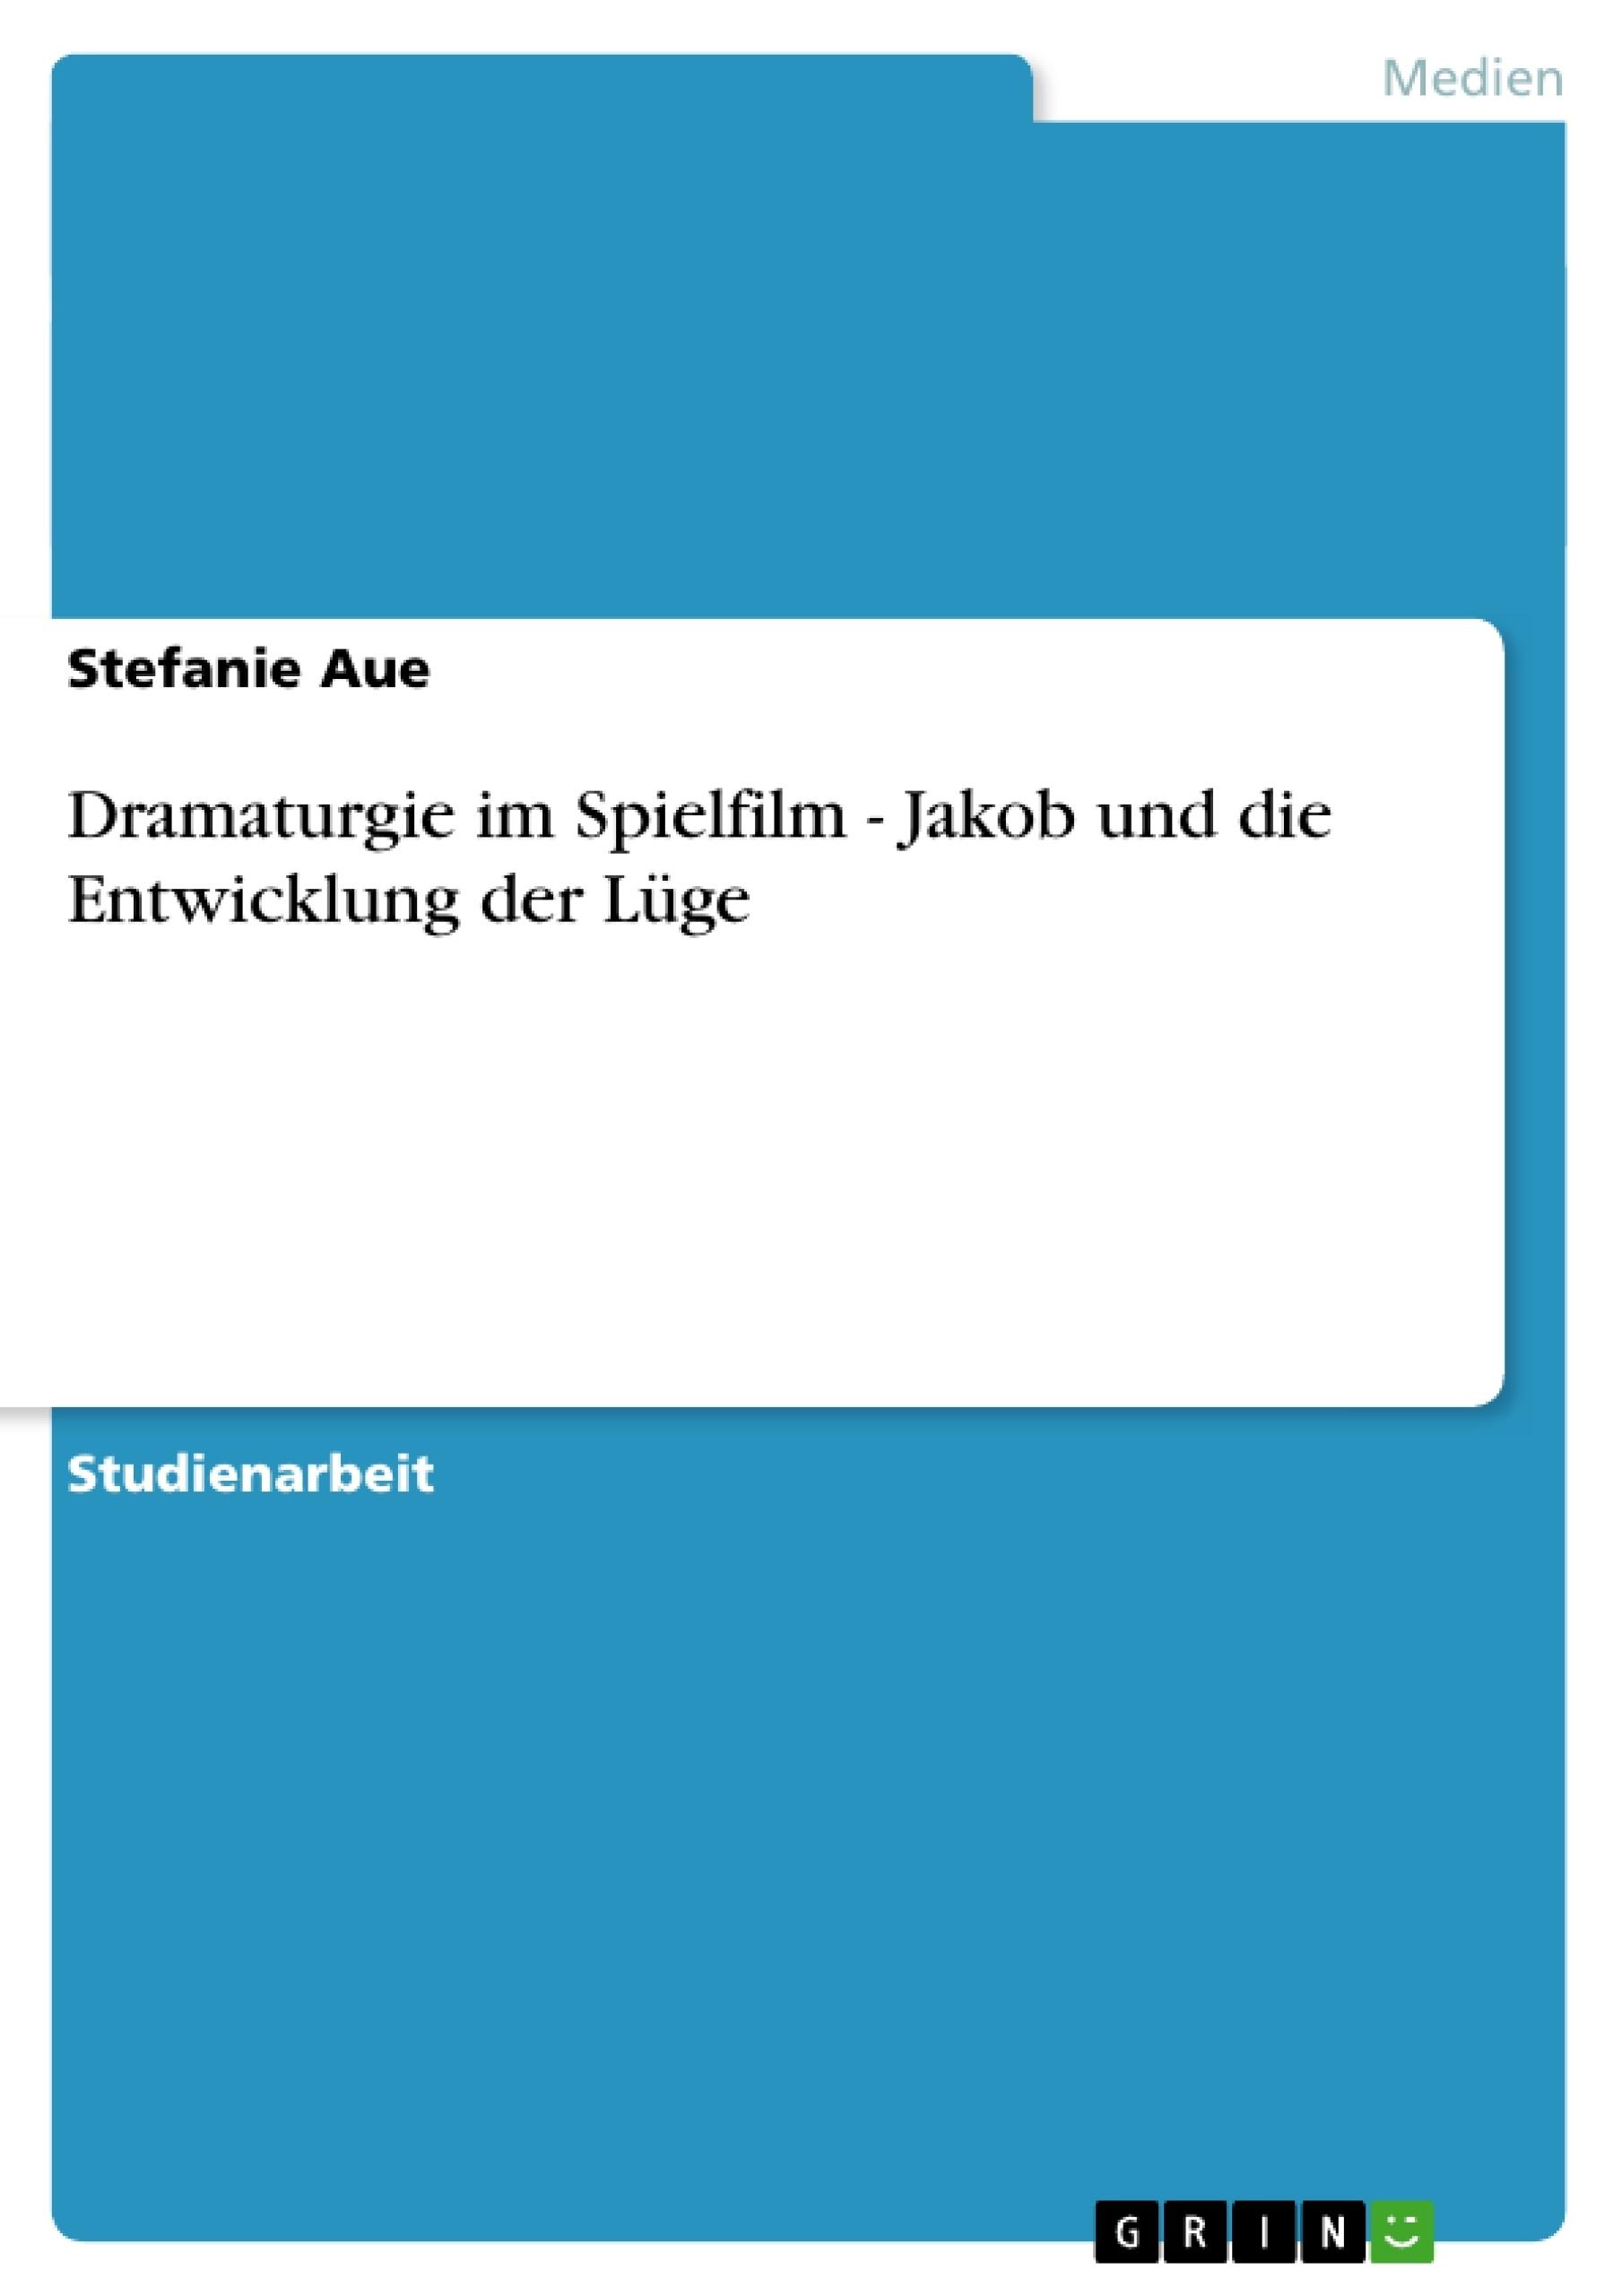 Titel: Dramaturgie im Spielfilm - Jakob und die Entwicklung der Lüge